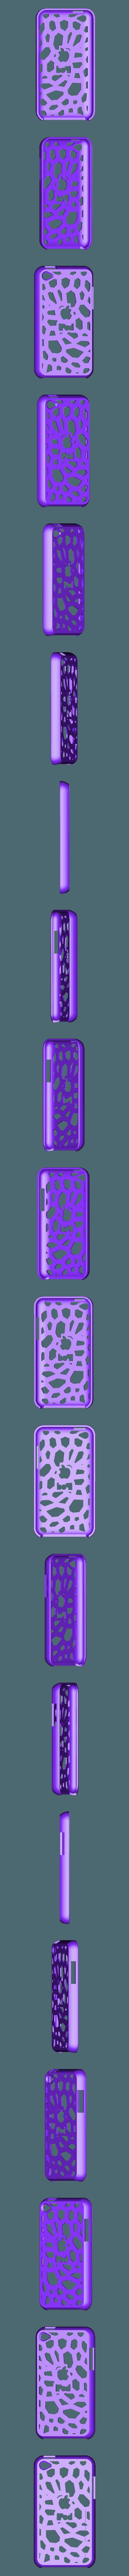 iP4_gCase_500.stl Télécharger fichier SCAD gratuit Étuis pour iPod 4 Touch • Plan imprimable en 3D, Wachet